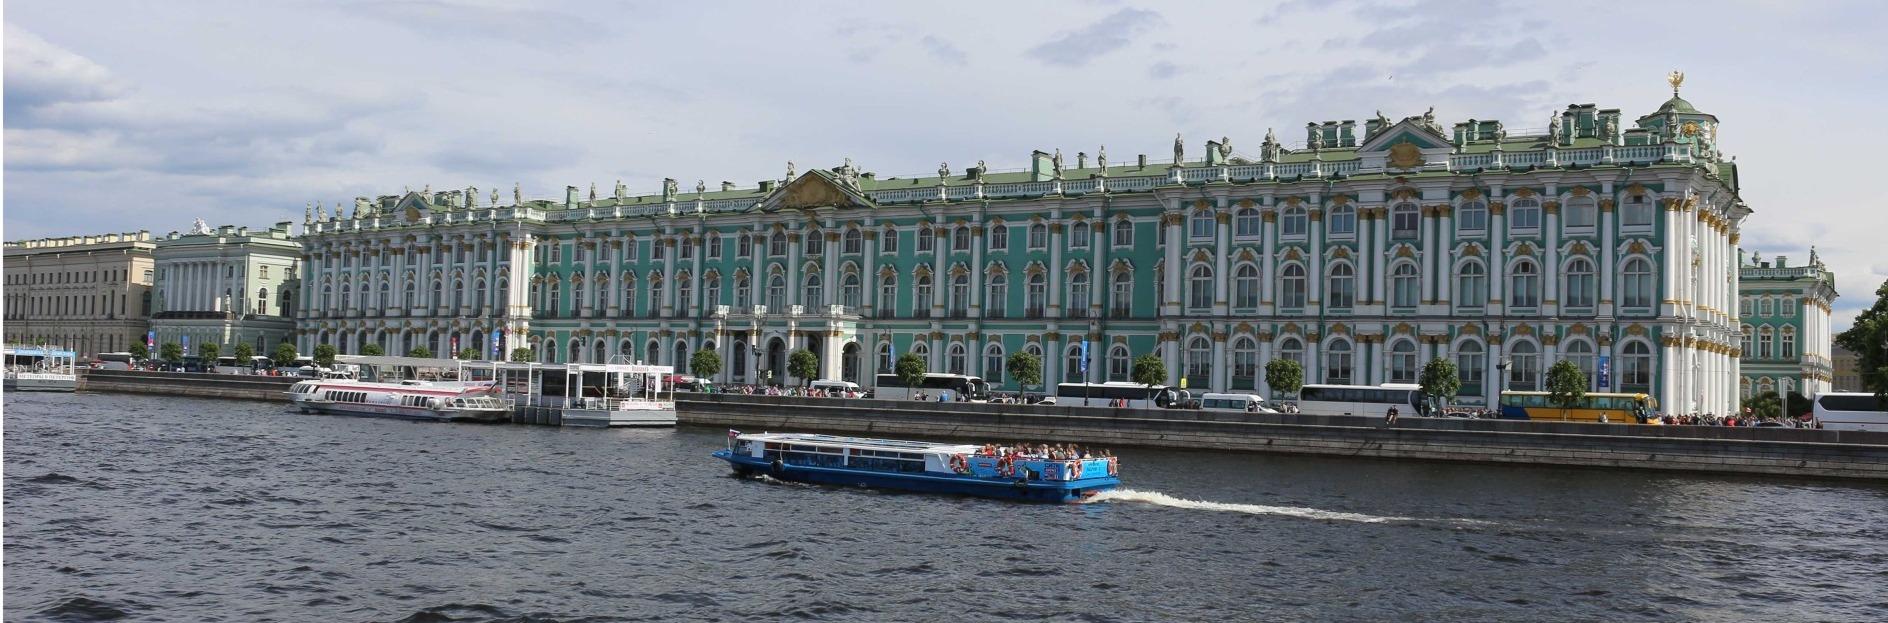 Дворцовая пристань на Дворцовой набережной, 36